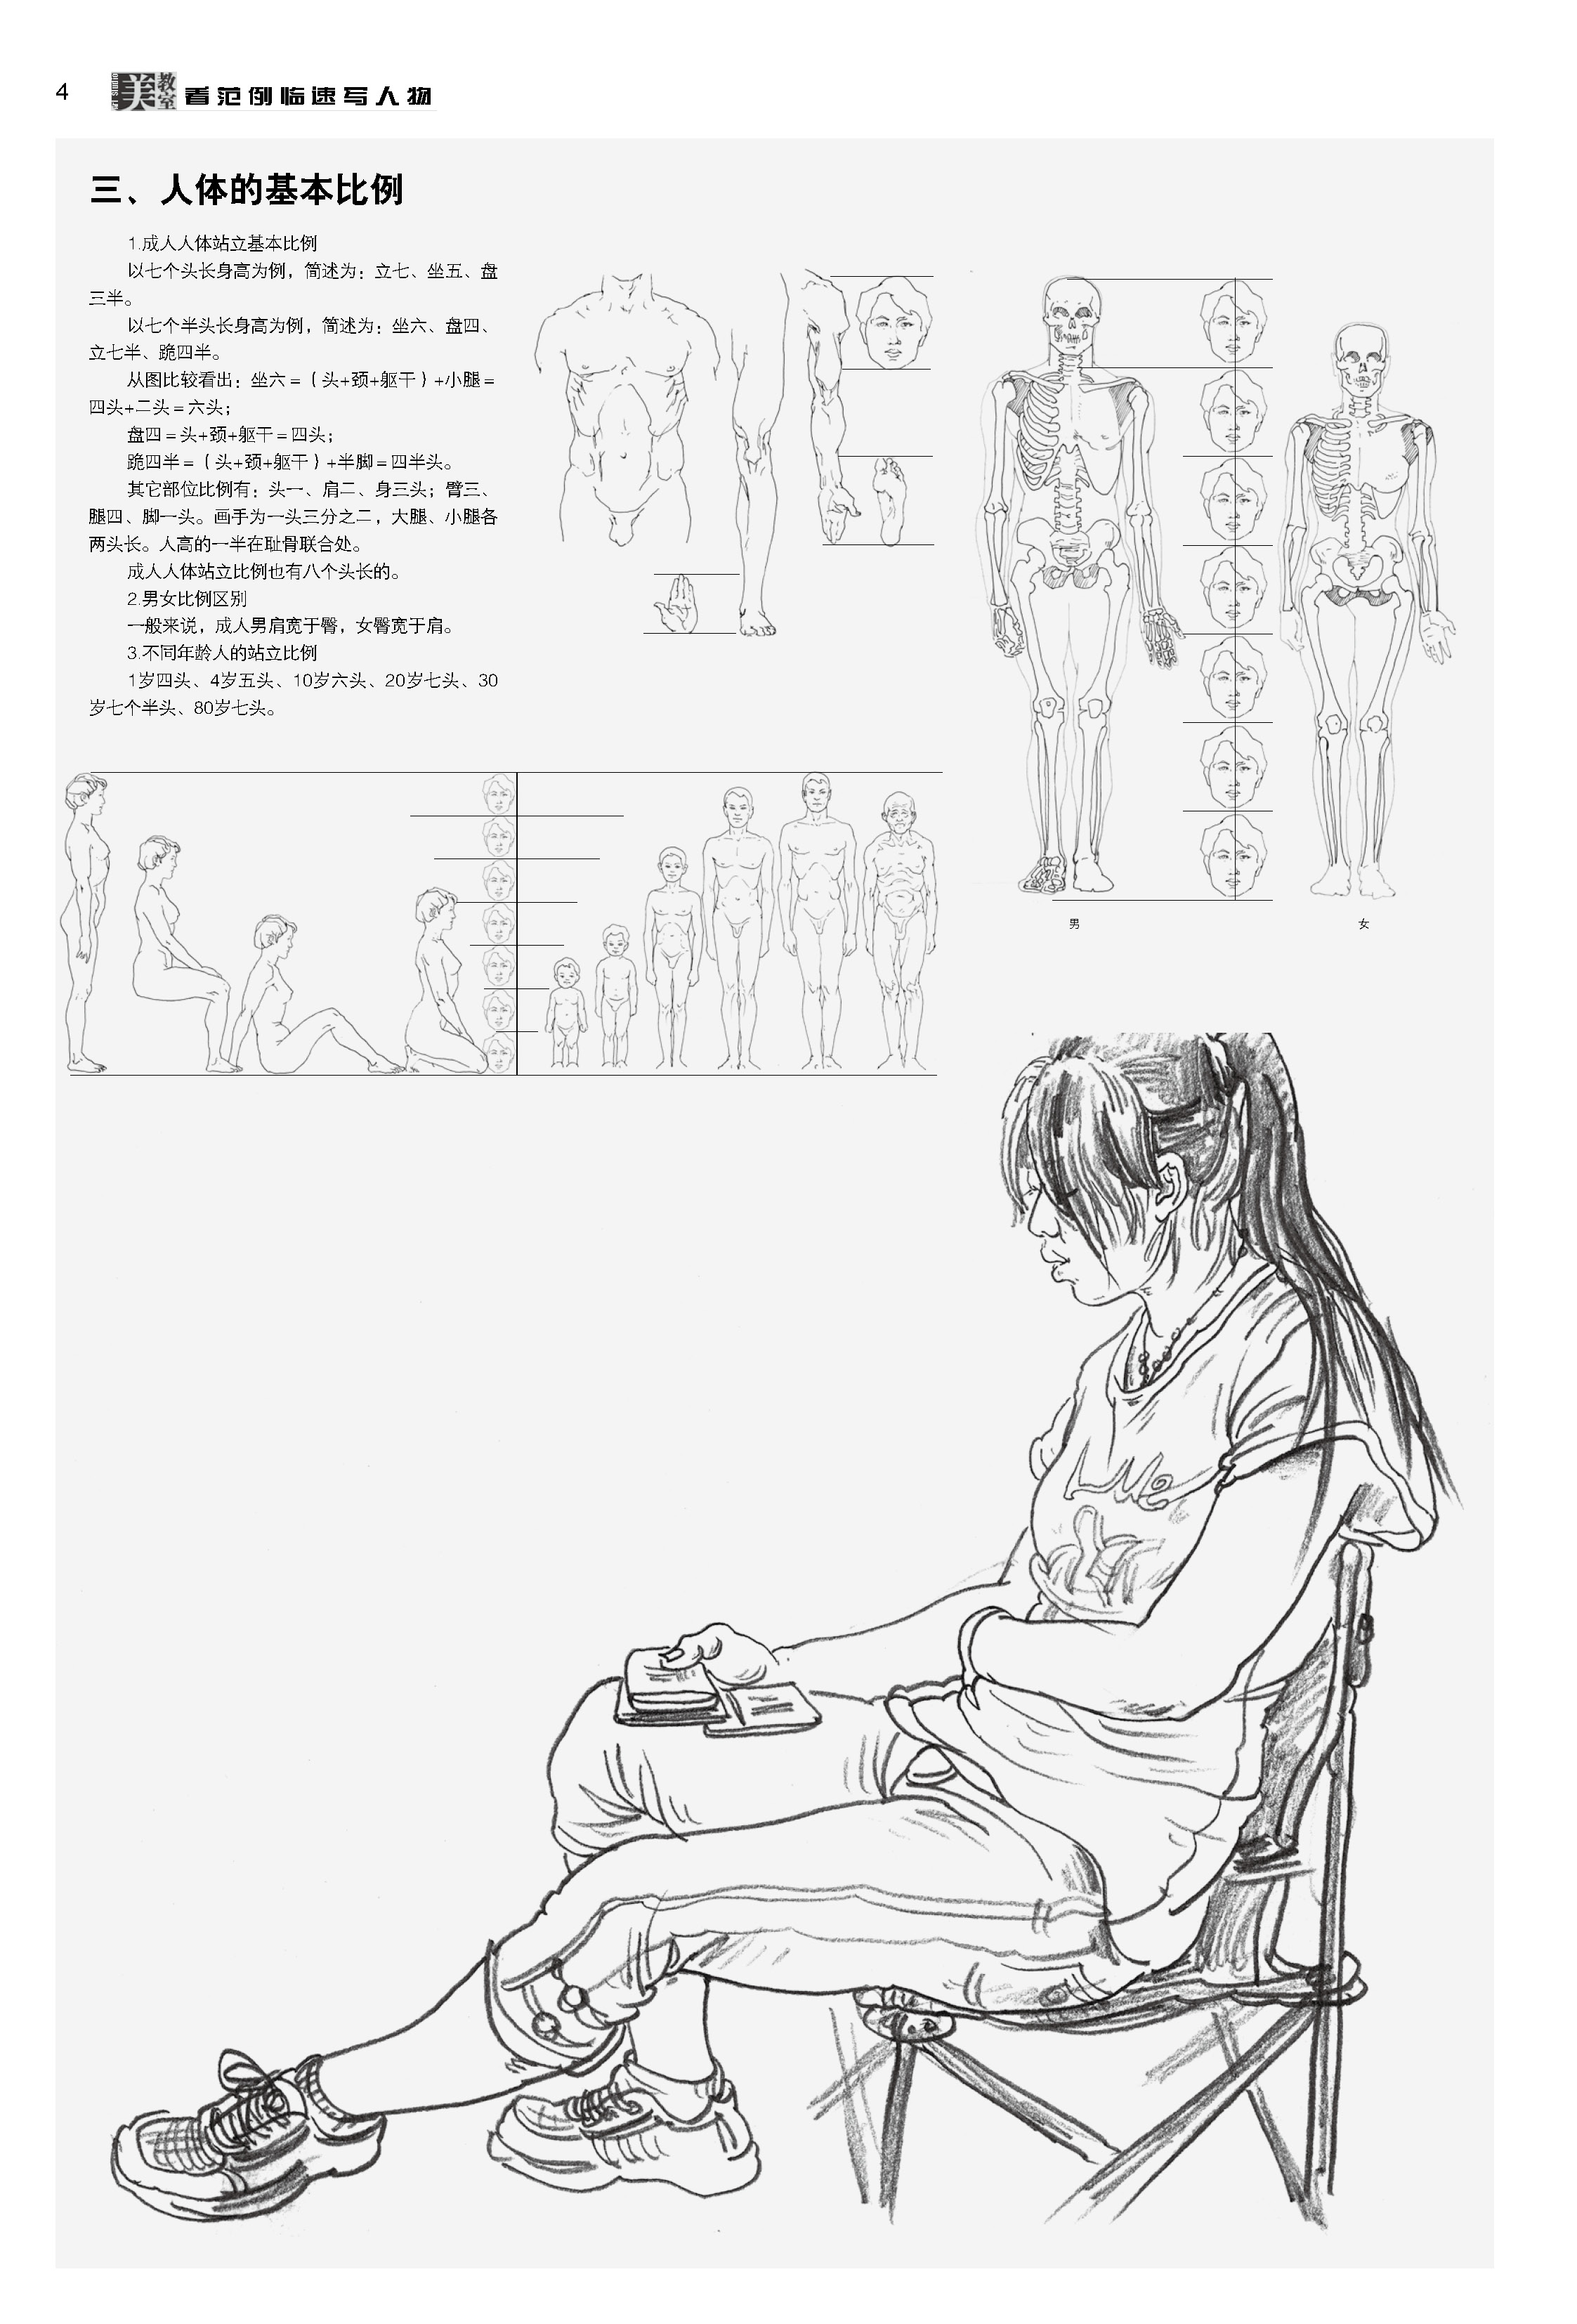 六,衣纹的处理15 七,剪影练习16 八,人物的动态关系18 九,人物坐姿